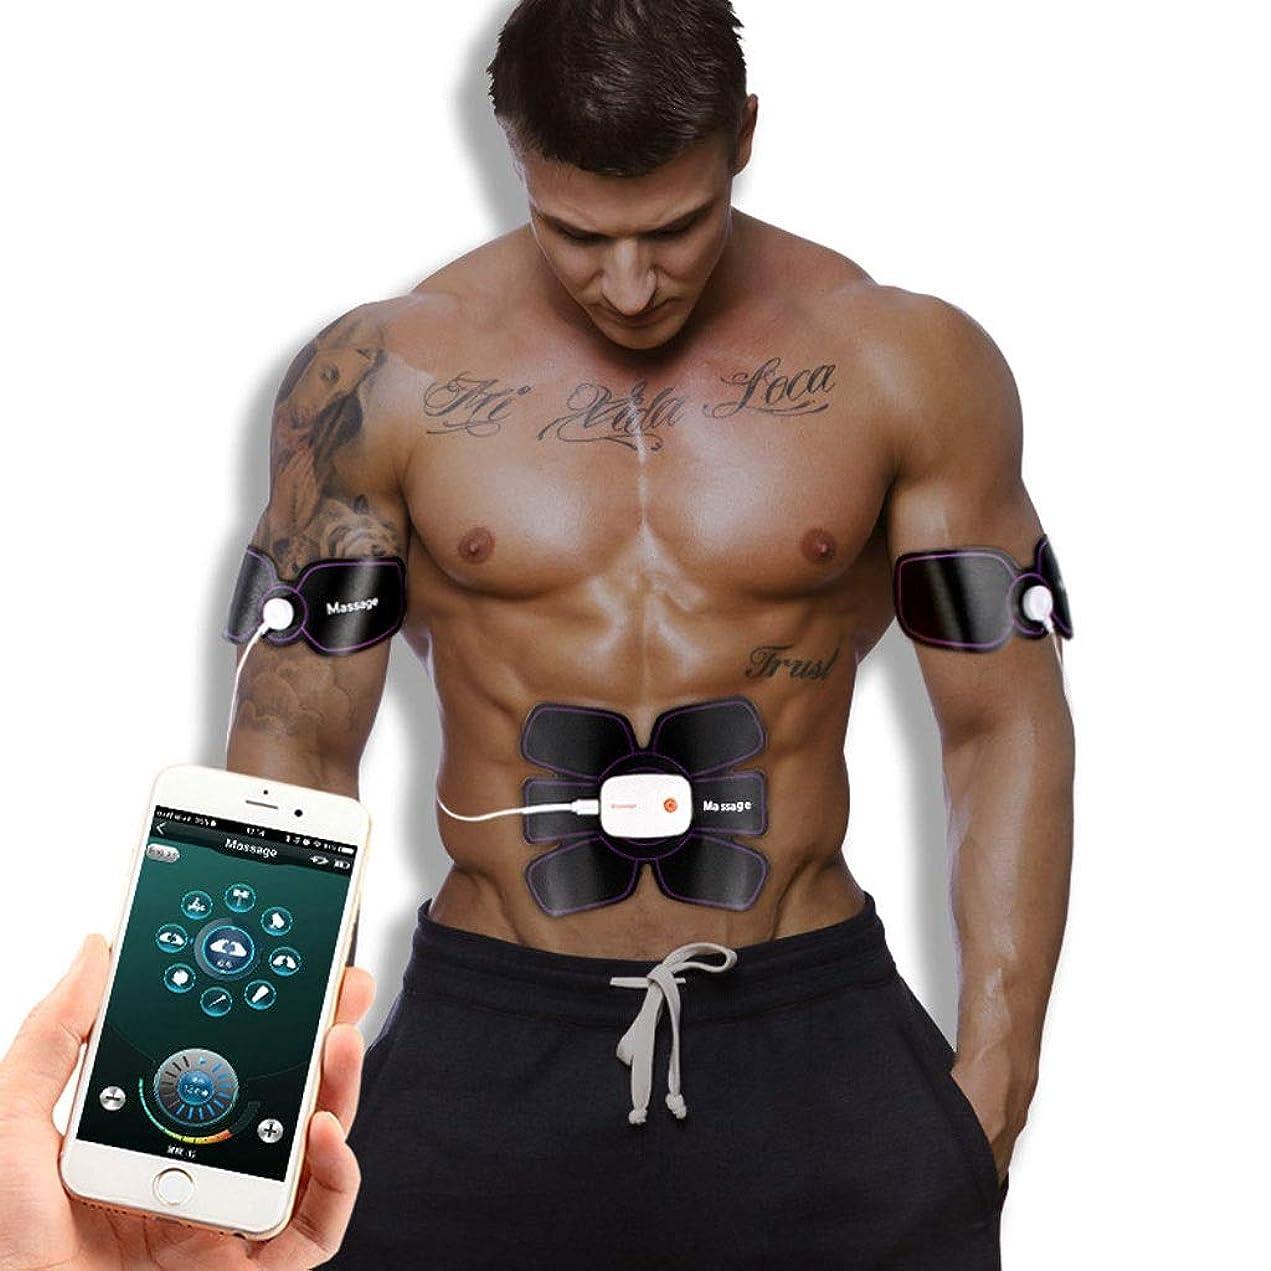 強調する起こるスタック筋肉刺激装置、EMS腹筋トレーナー腹部ベルトUSB充電式筋肉用トナー腹筋足用腹筋サポートベルト&8モード15レベル男性&女性用